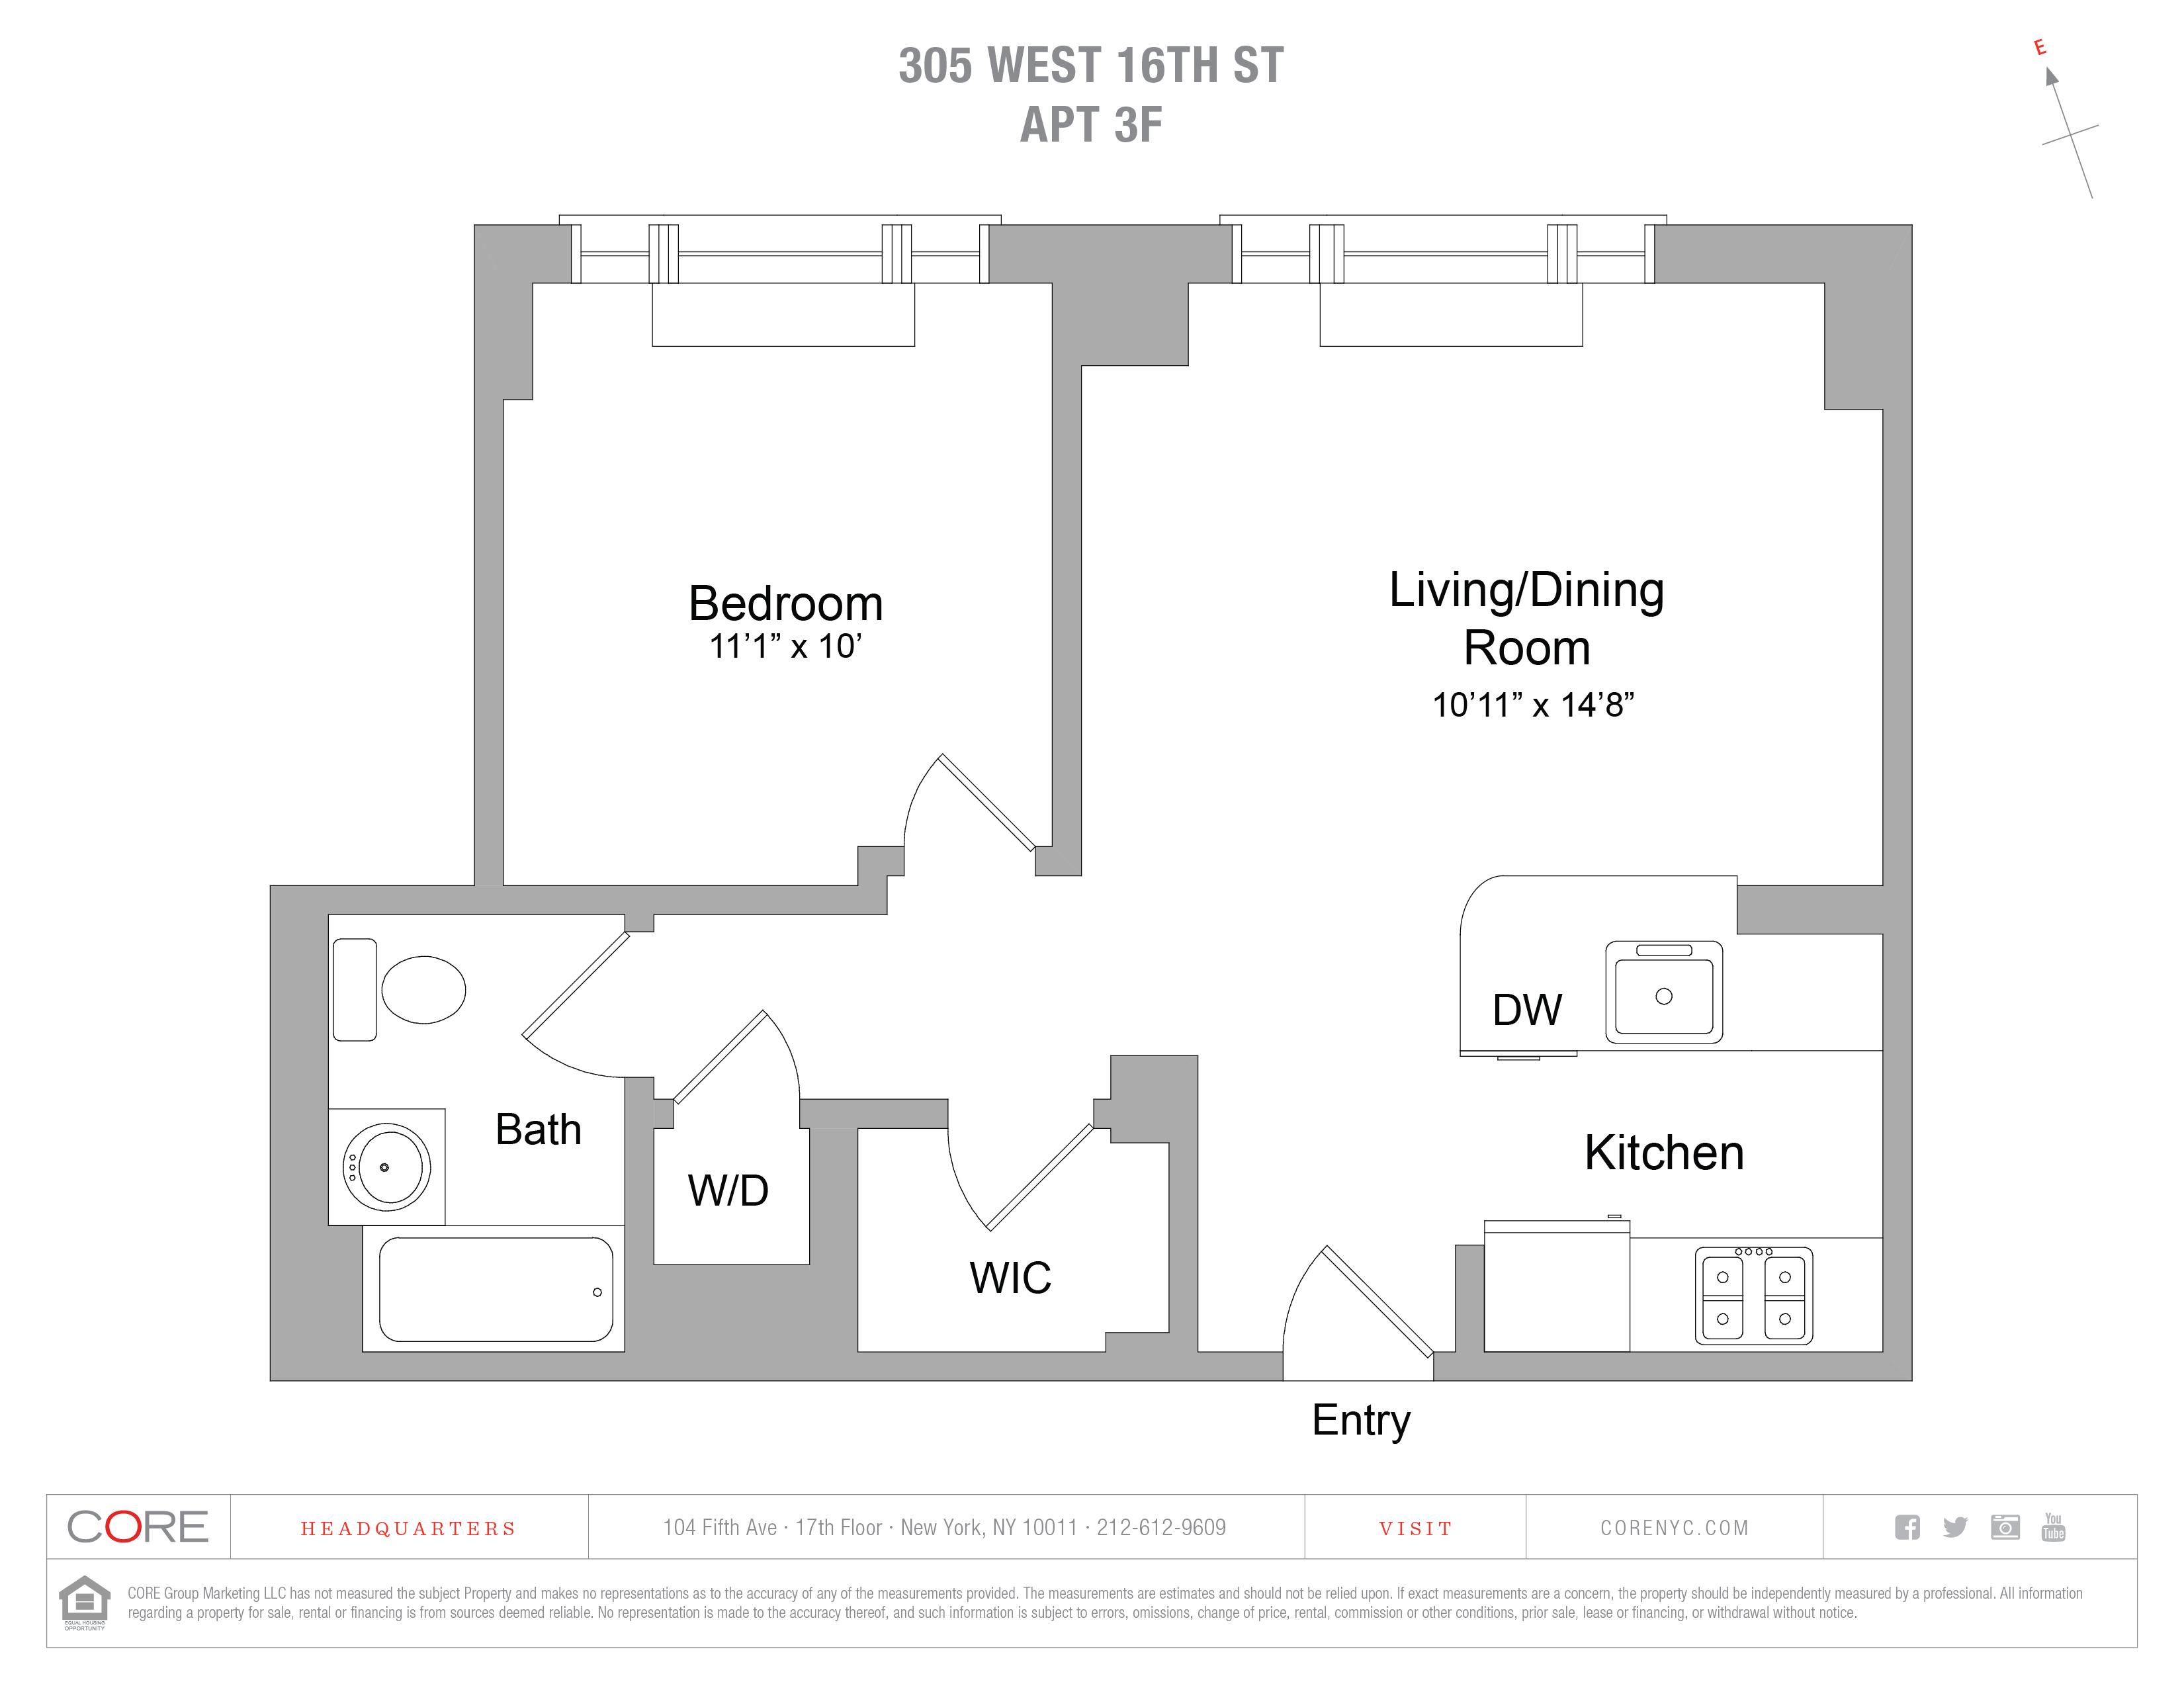 305 West 16th St. 3F, New York, NY 10011